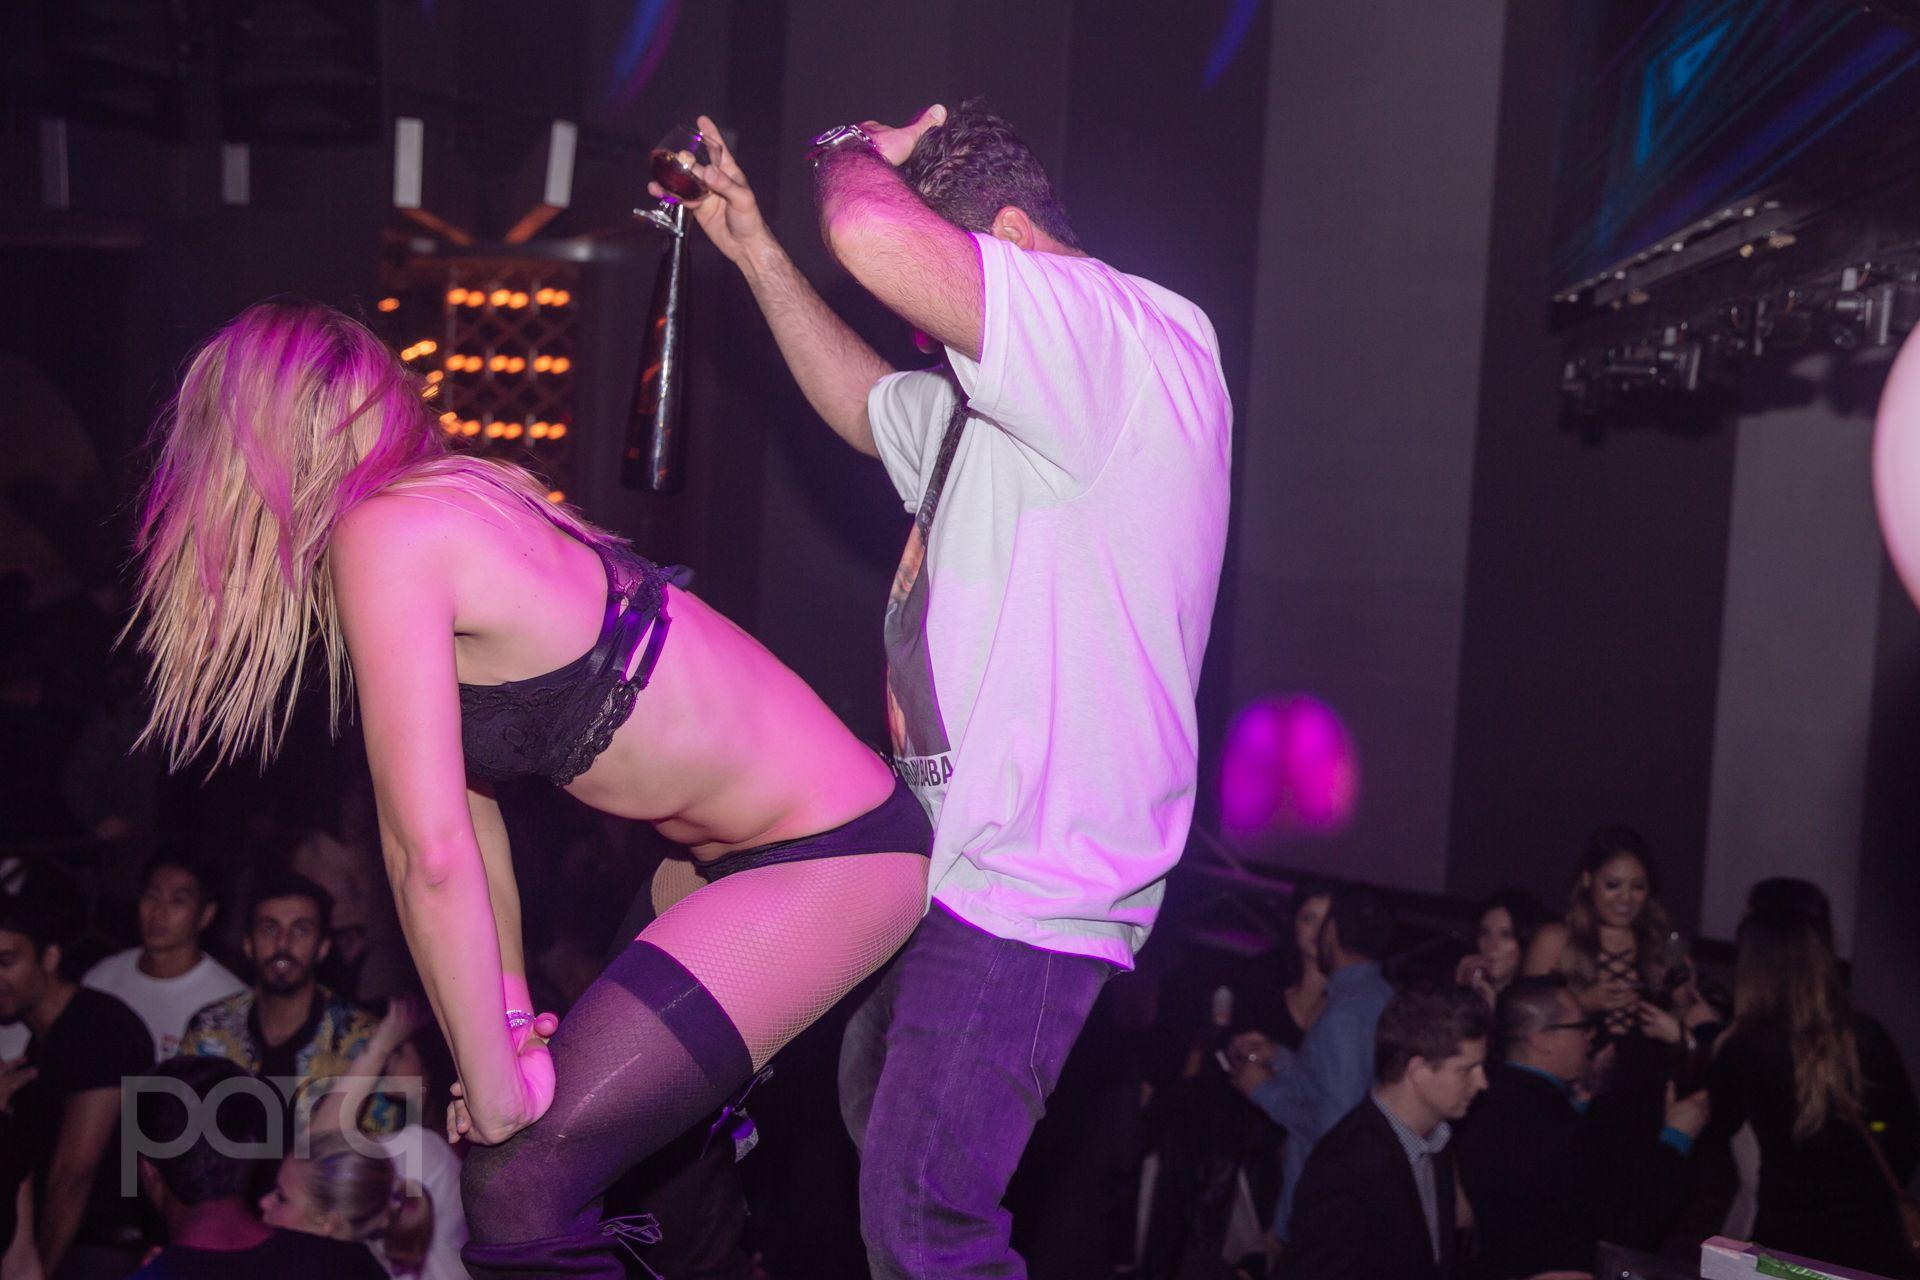 San-Diego-Nightclub-DJ Ikon-39.jpg